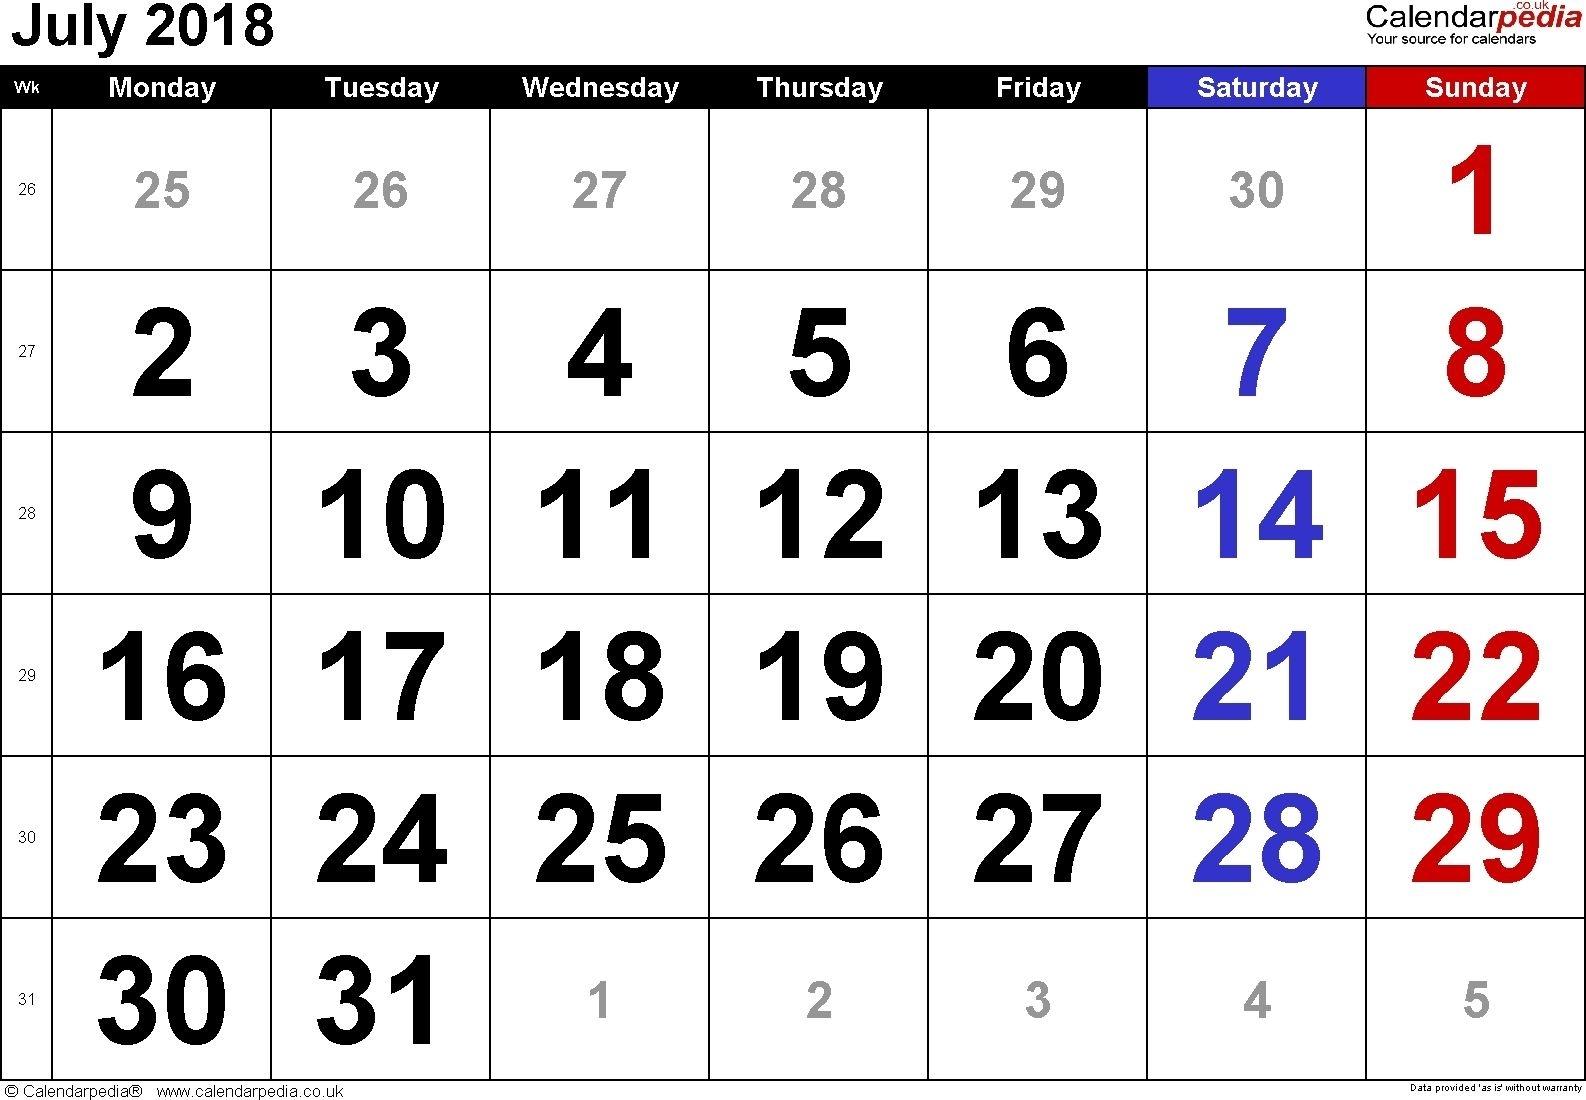 Free Printable Calendar Large Numbers In 2020 | Printable